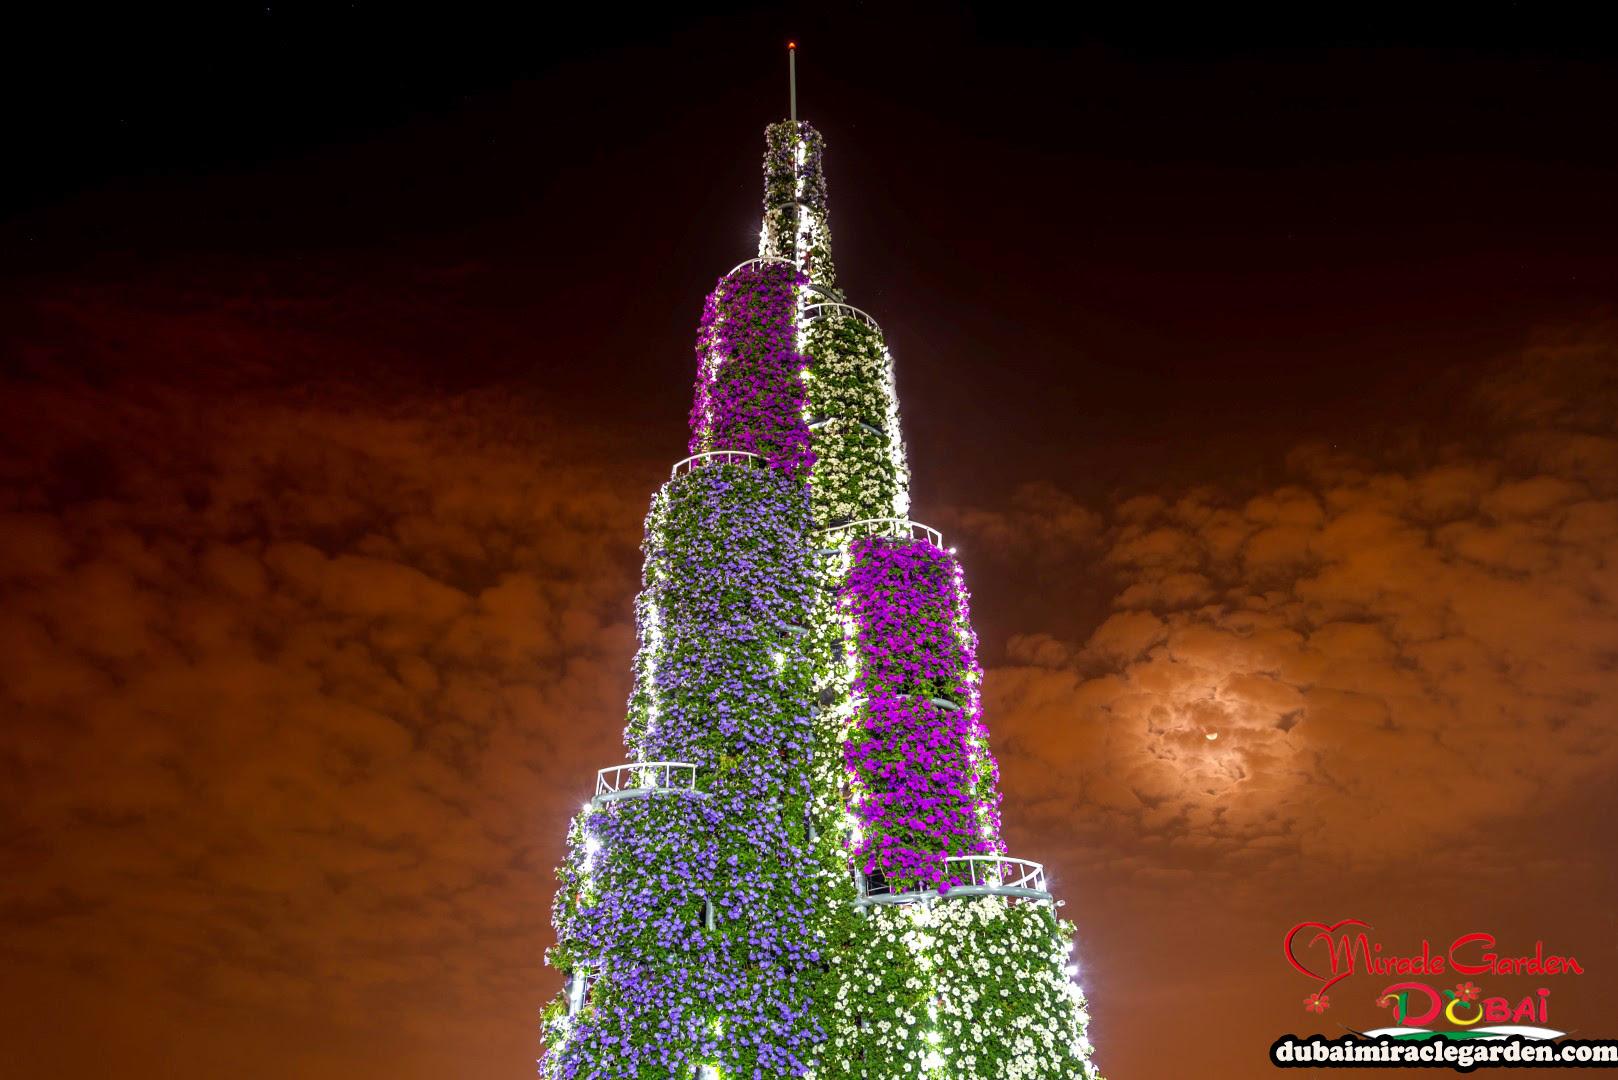 Dubai Miracle Garden 01